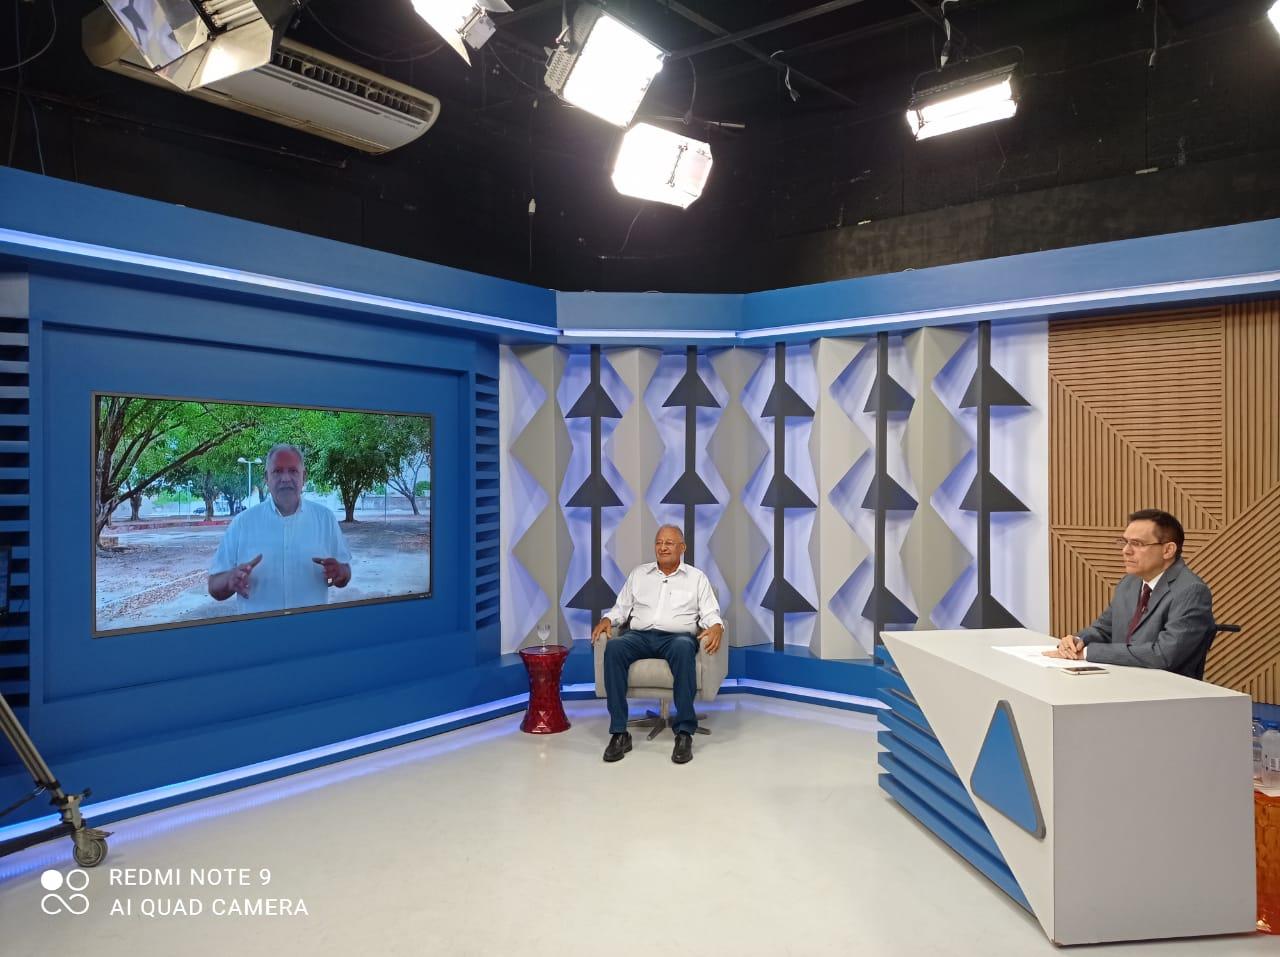 Dr. Pessoa é sabatinado por outros candidatos à Prefeitura de Teresina - Imagem 5